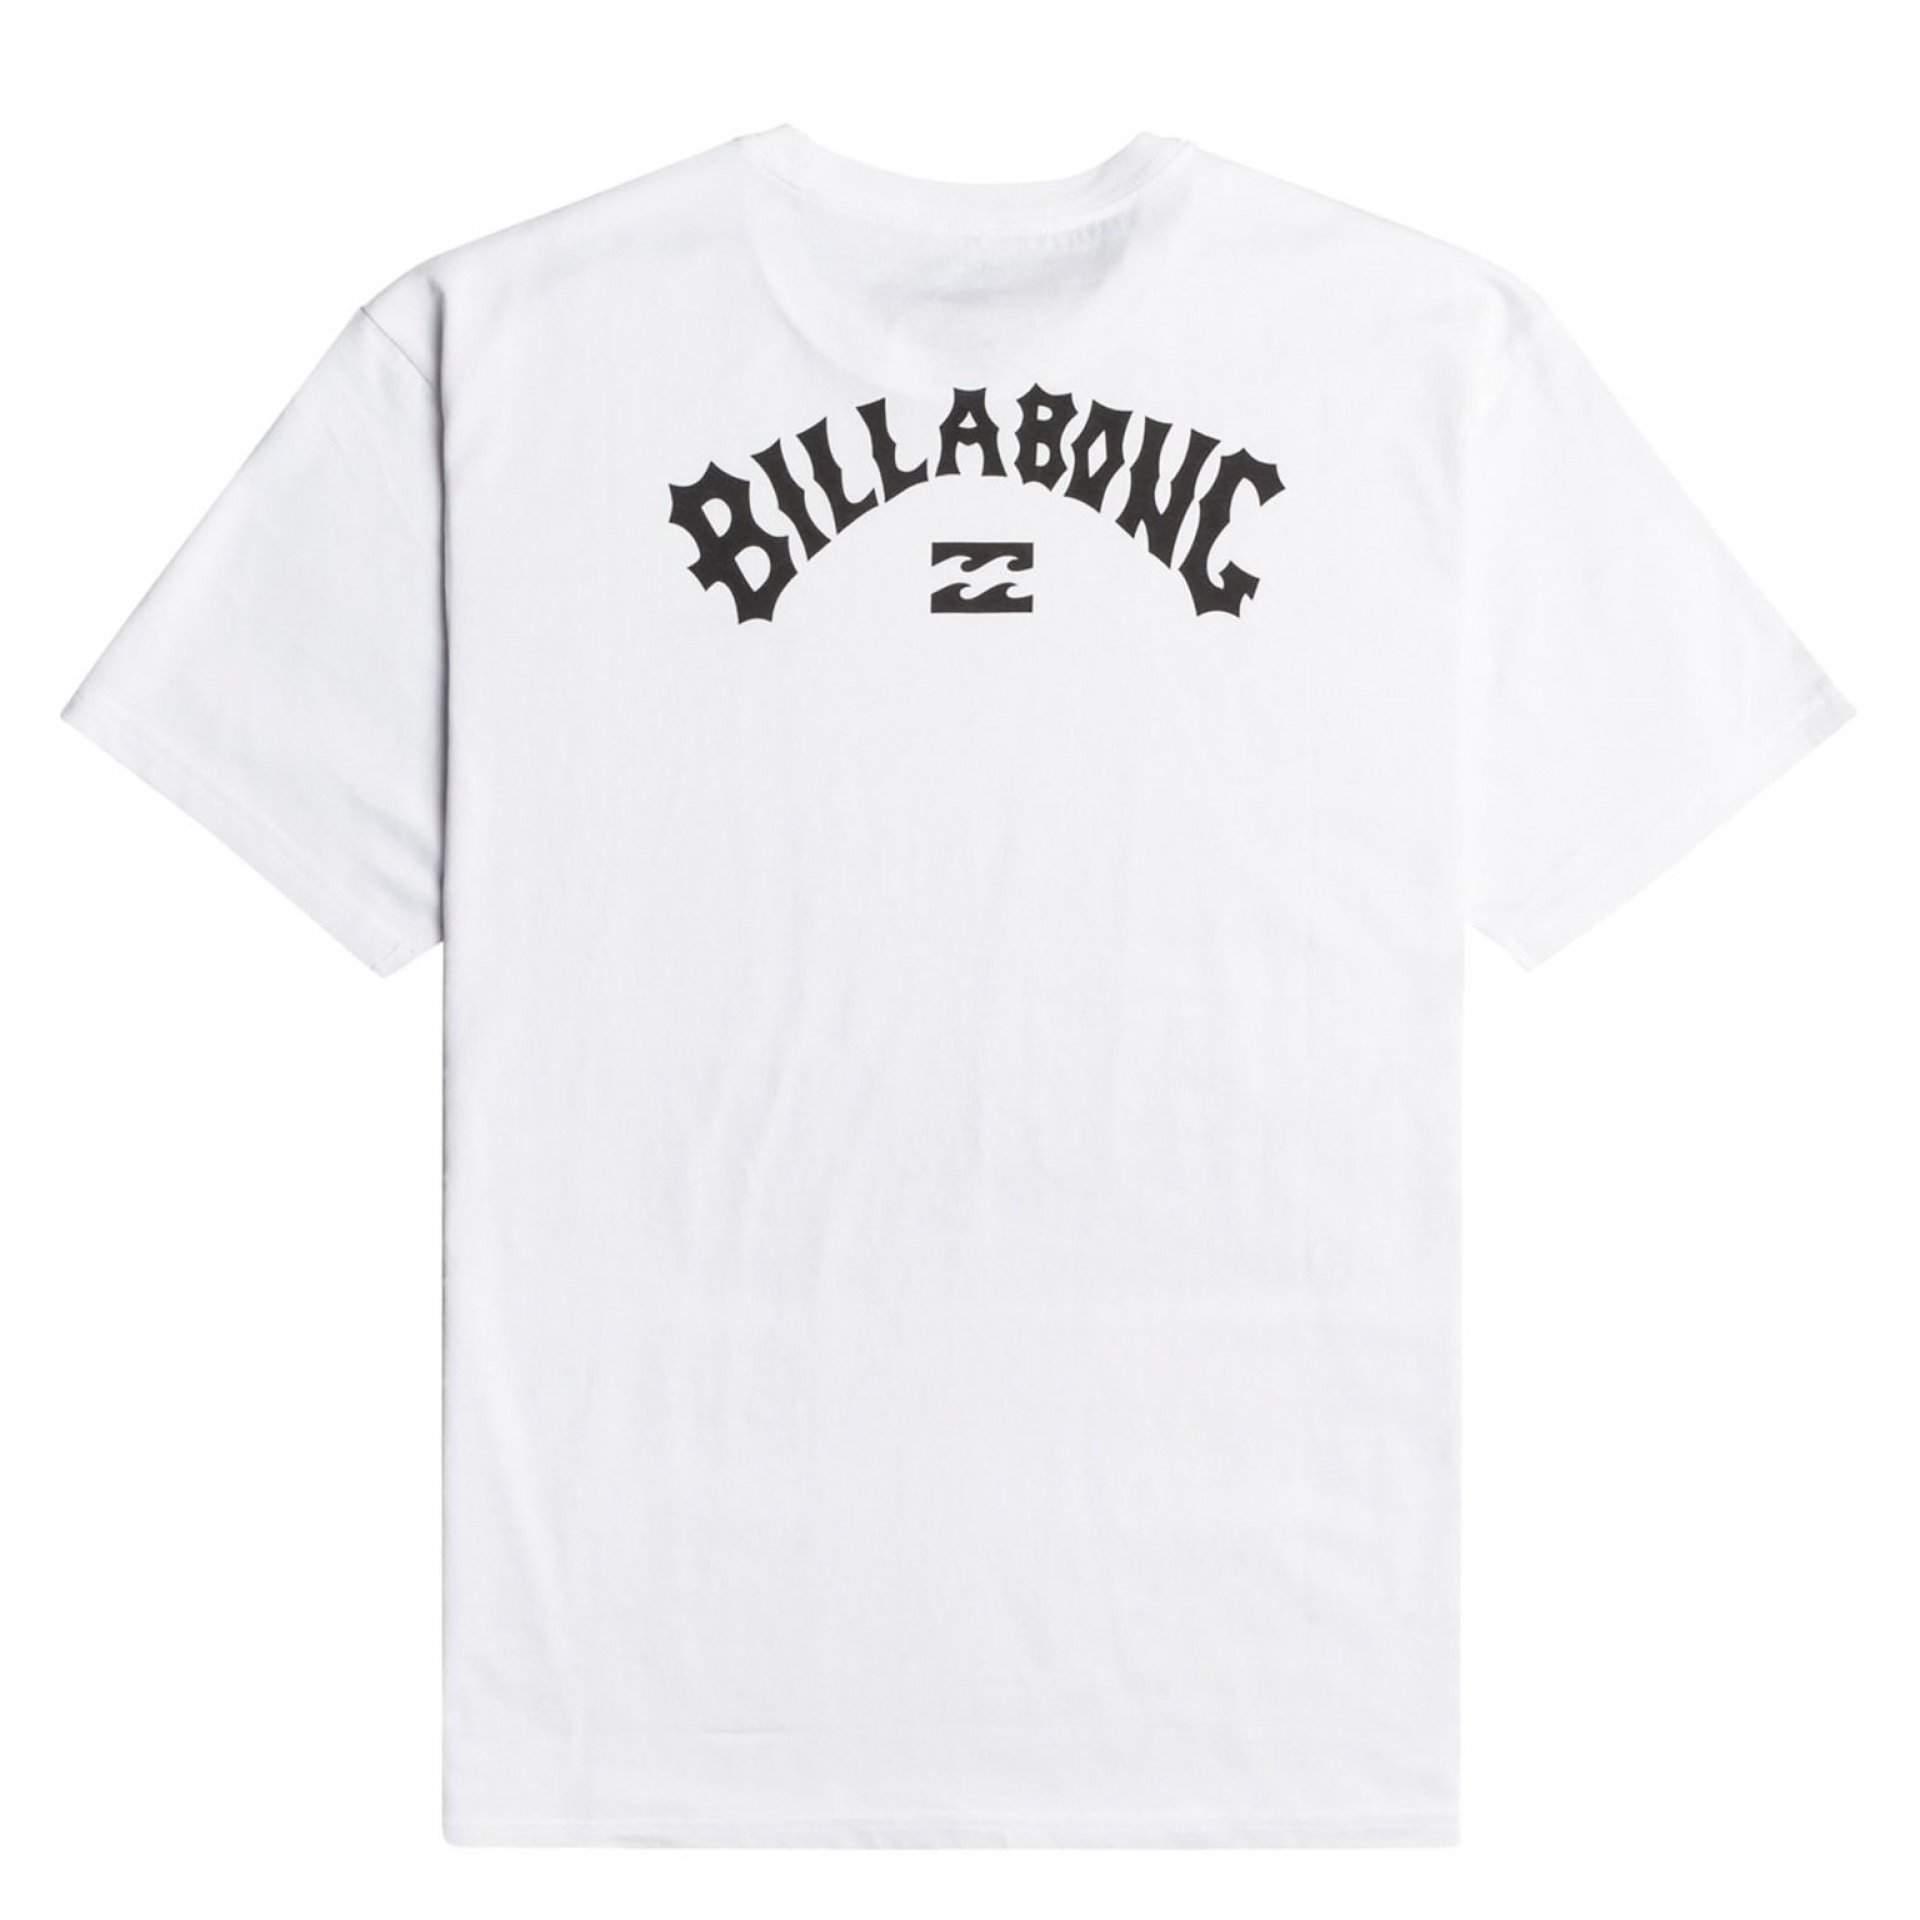 T-SHIRT BILLABONG ARCH WAVE 10 WHITE Z TYŁU